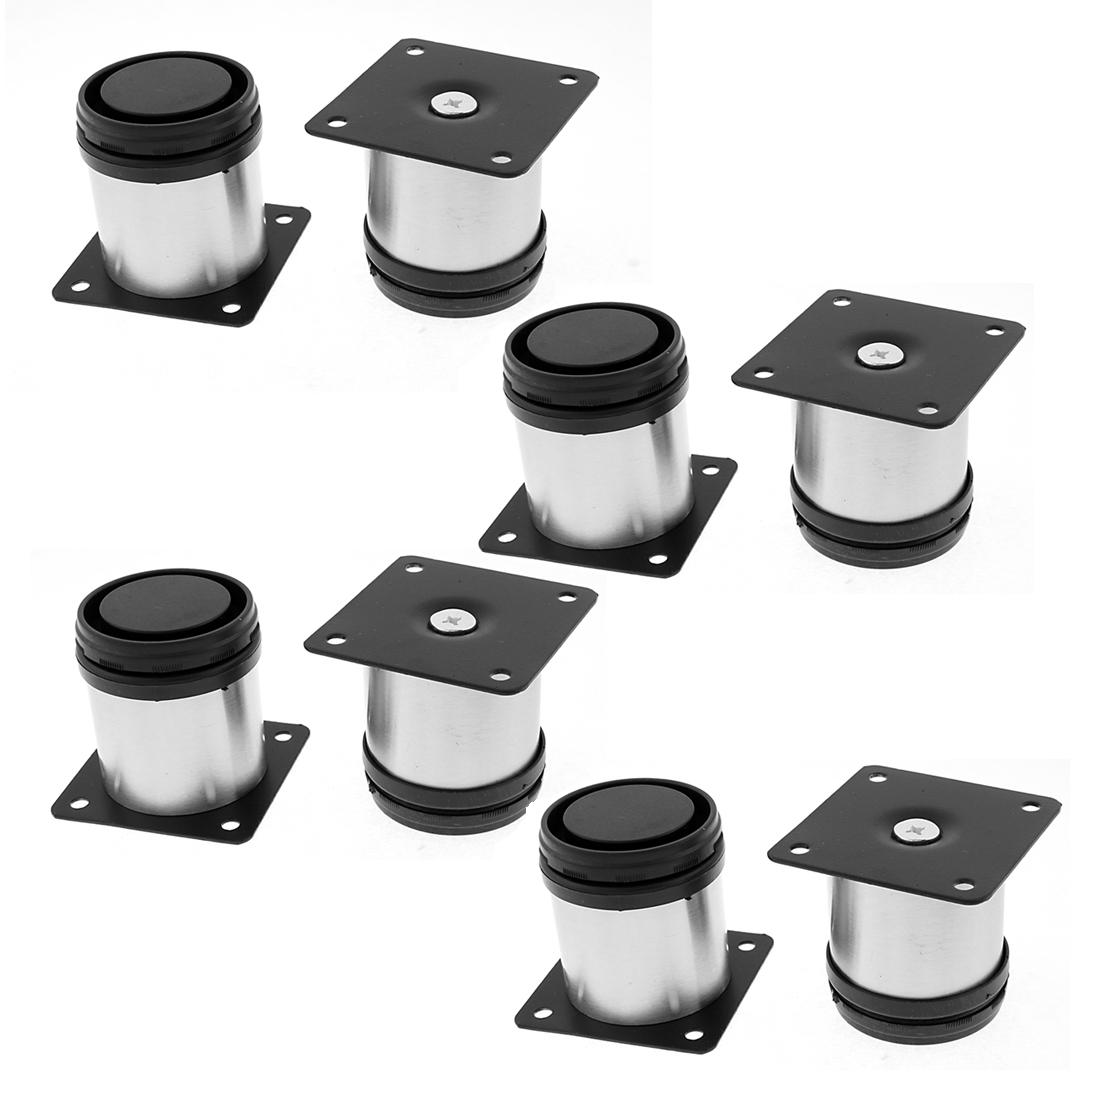 Furniture Cupboard Cabinet Adjustable Plinth Leg 50 x 60mm 8pcs